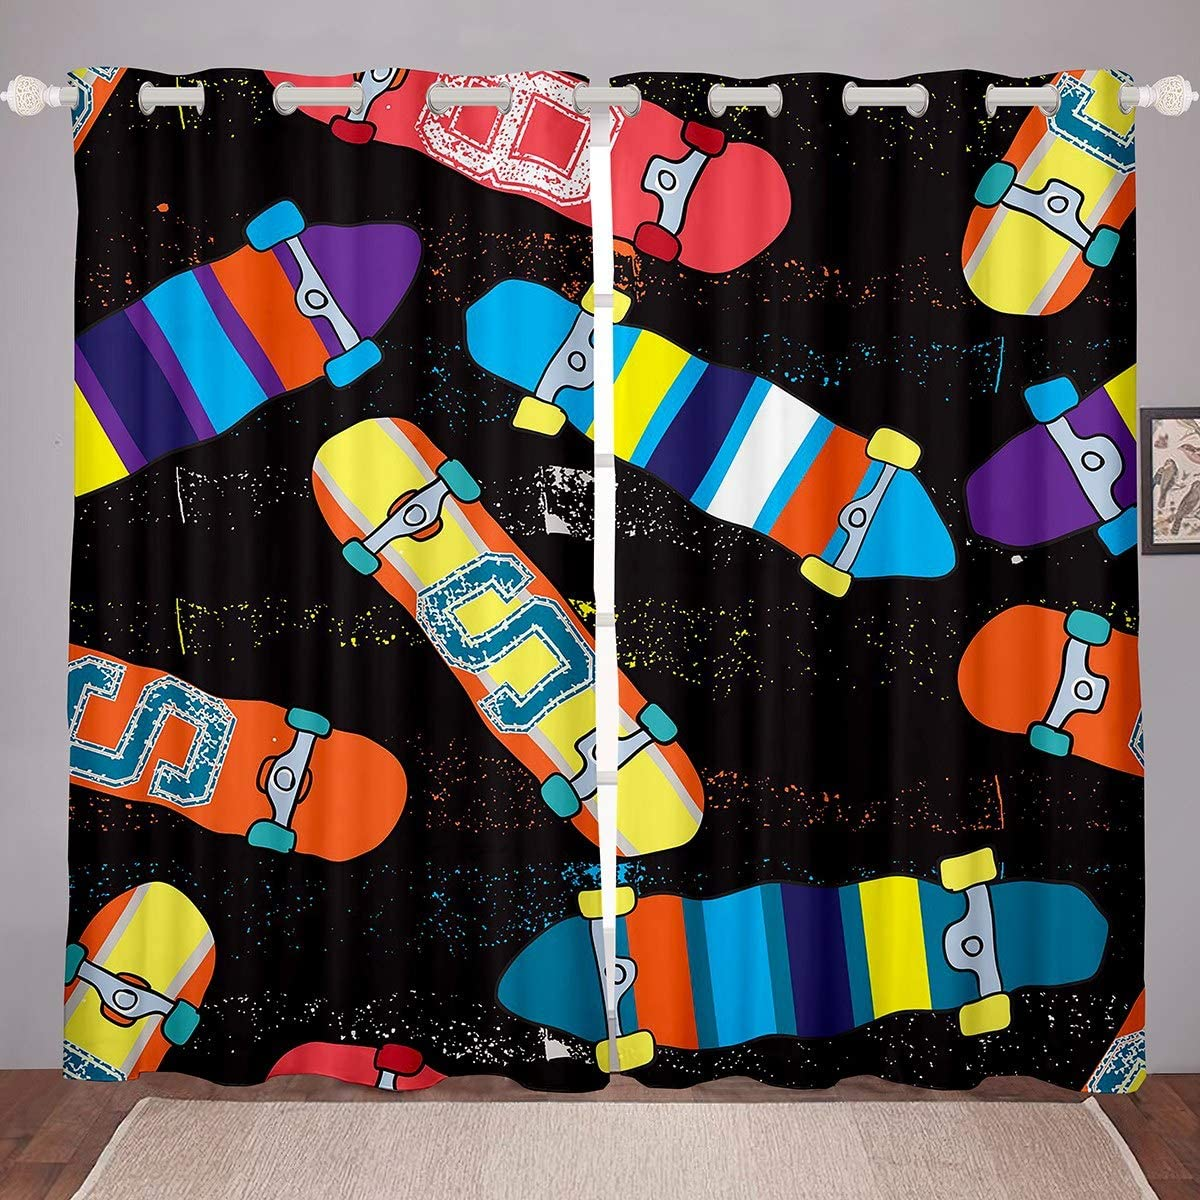 Loussiesd Tie Dye Vorh/änge Boho Psychedelischer Fenstervorhang Hippie Tie Dye Blickdichte Vorh/änge B/öhmische Zigeunerin Verdunkelungsvorh/änge 137x117cm